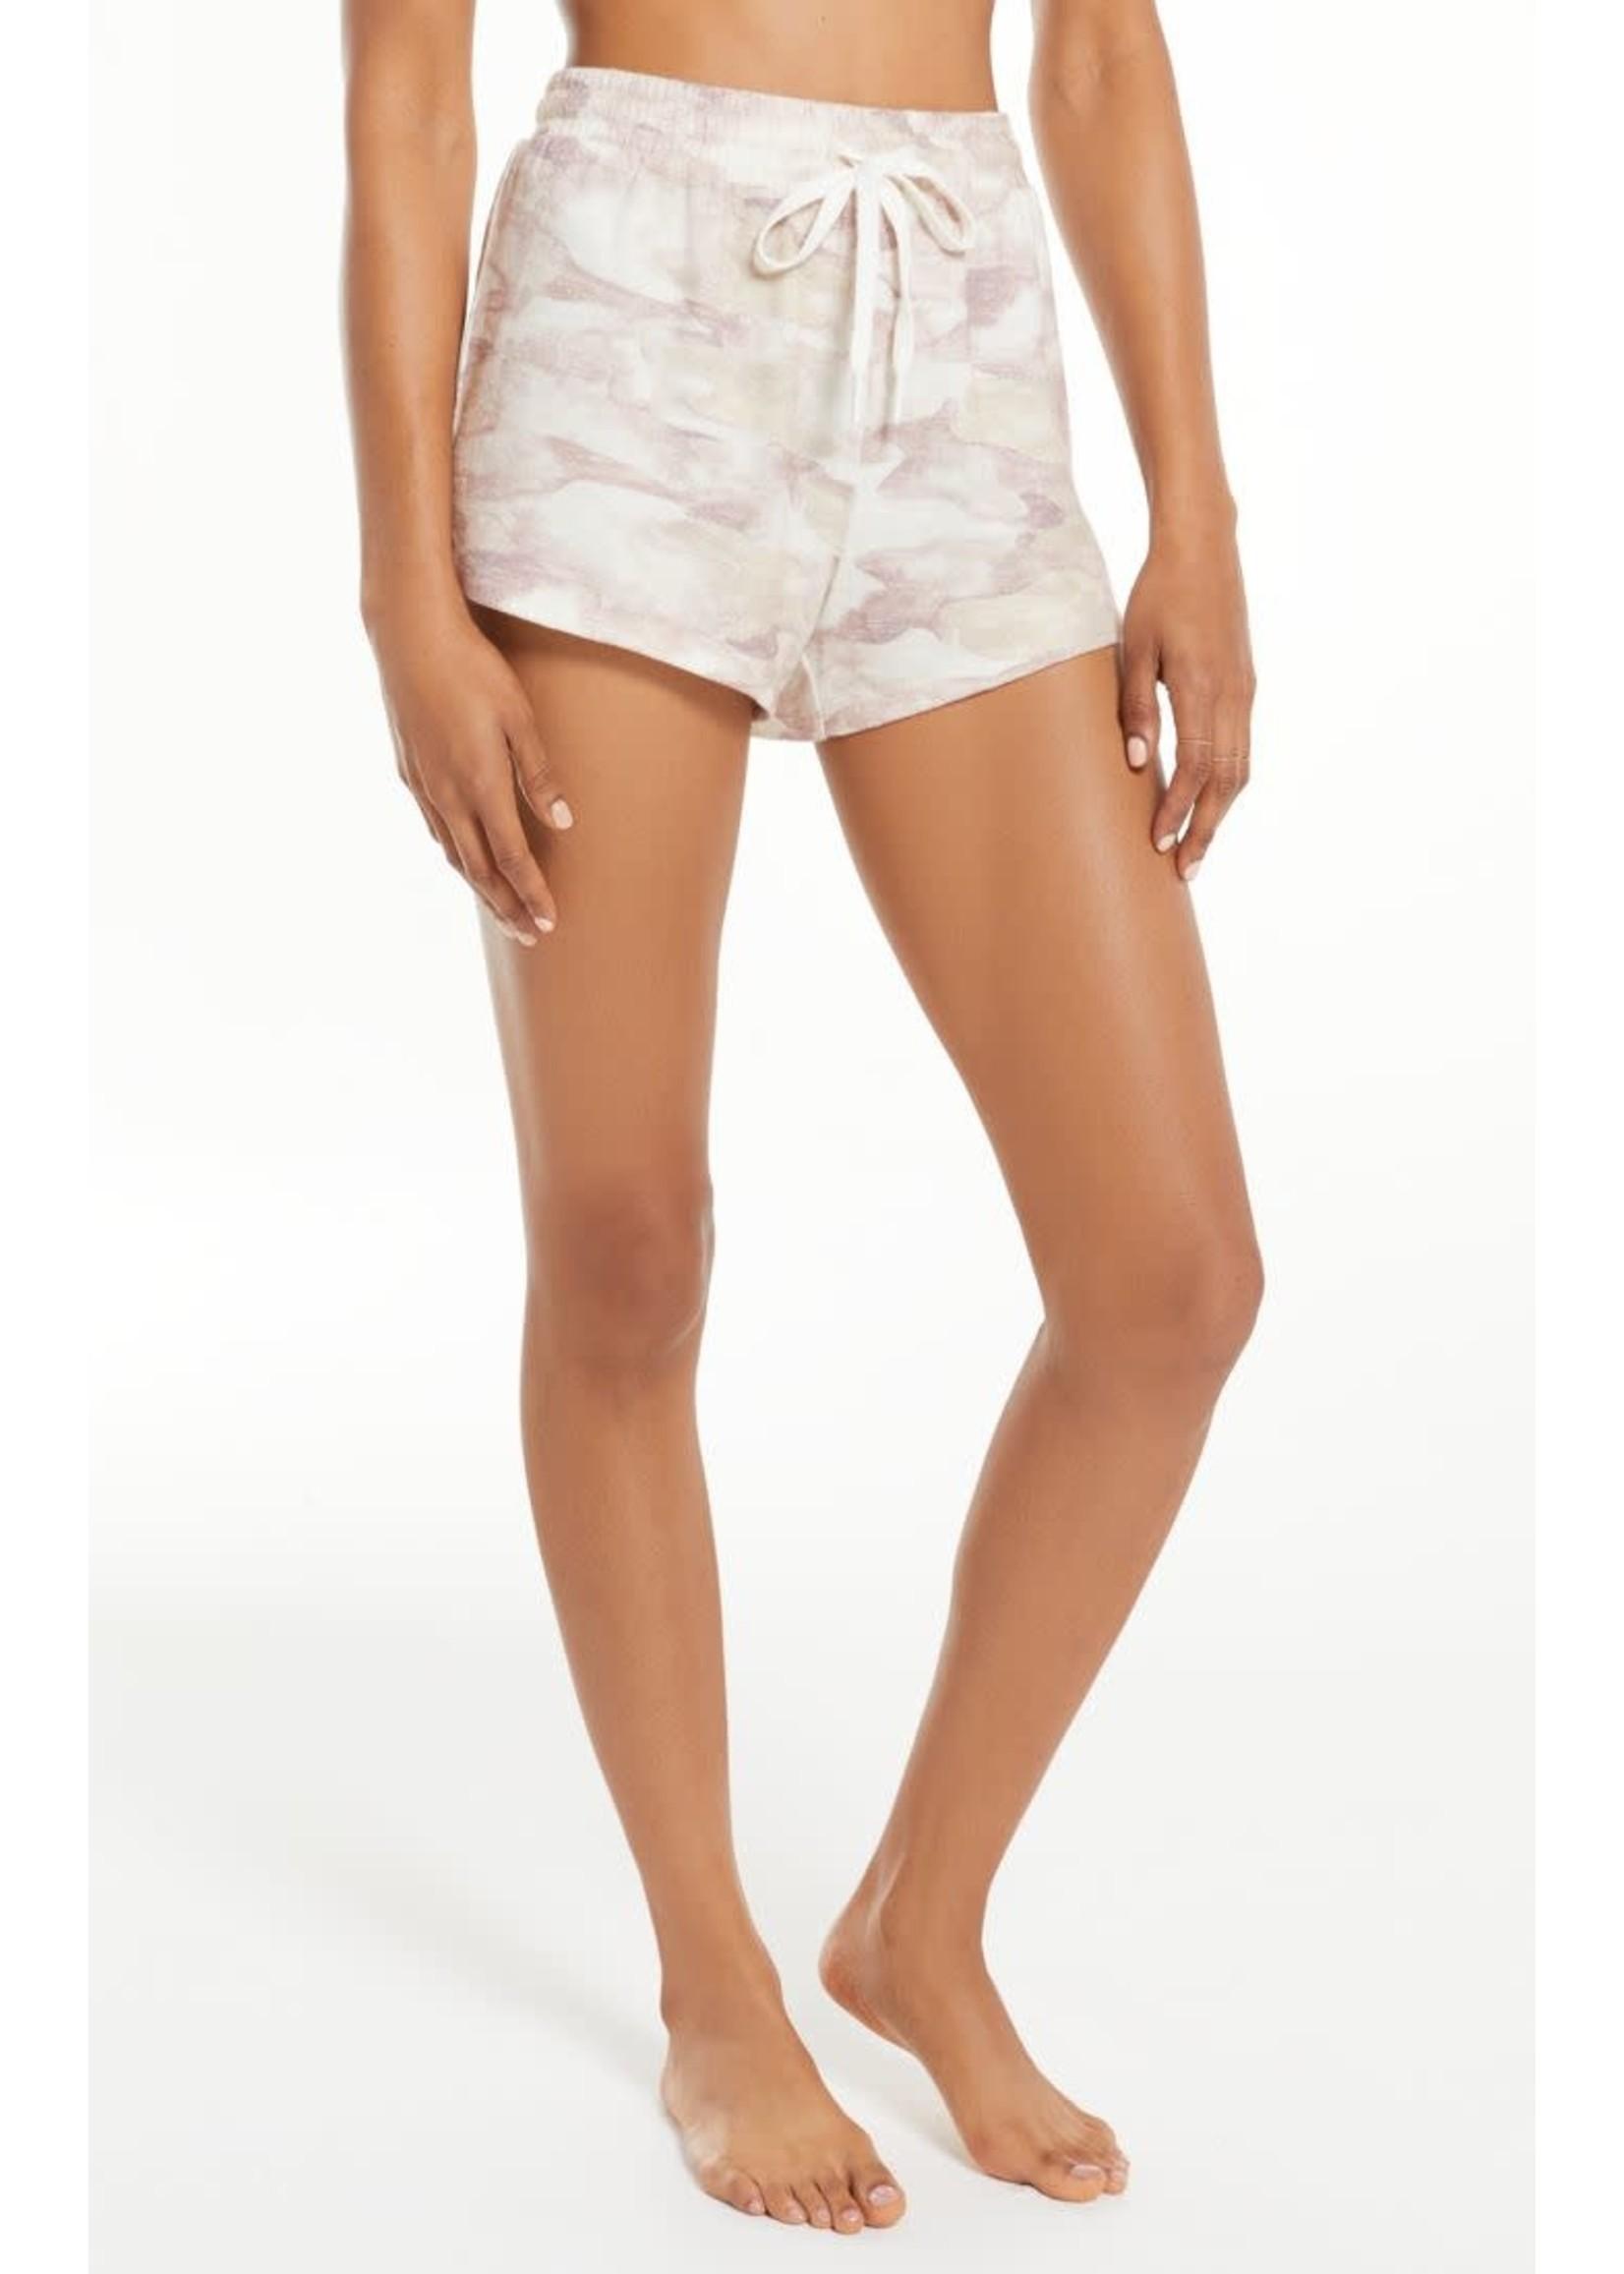 Z Supply Mia Camo Shorts - ZLS213966